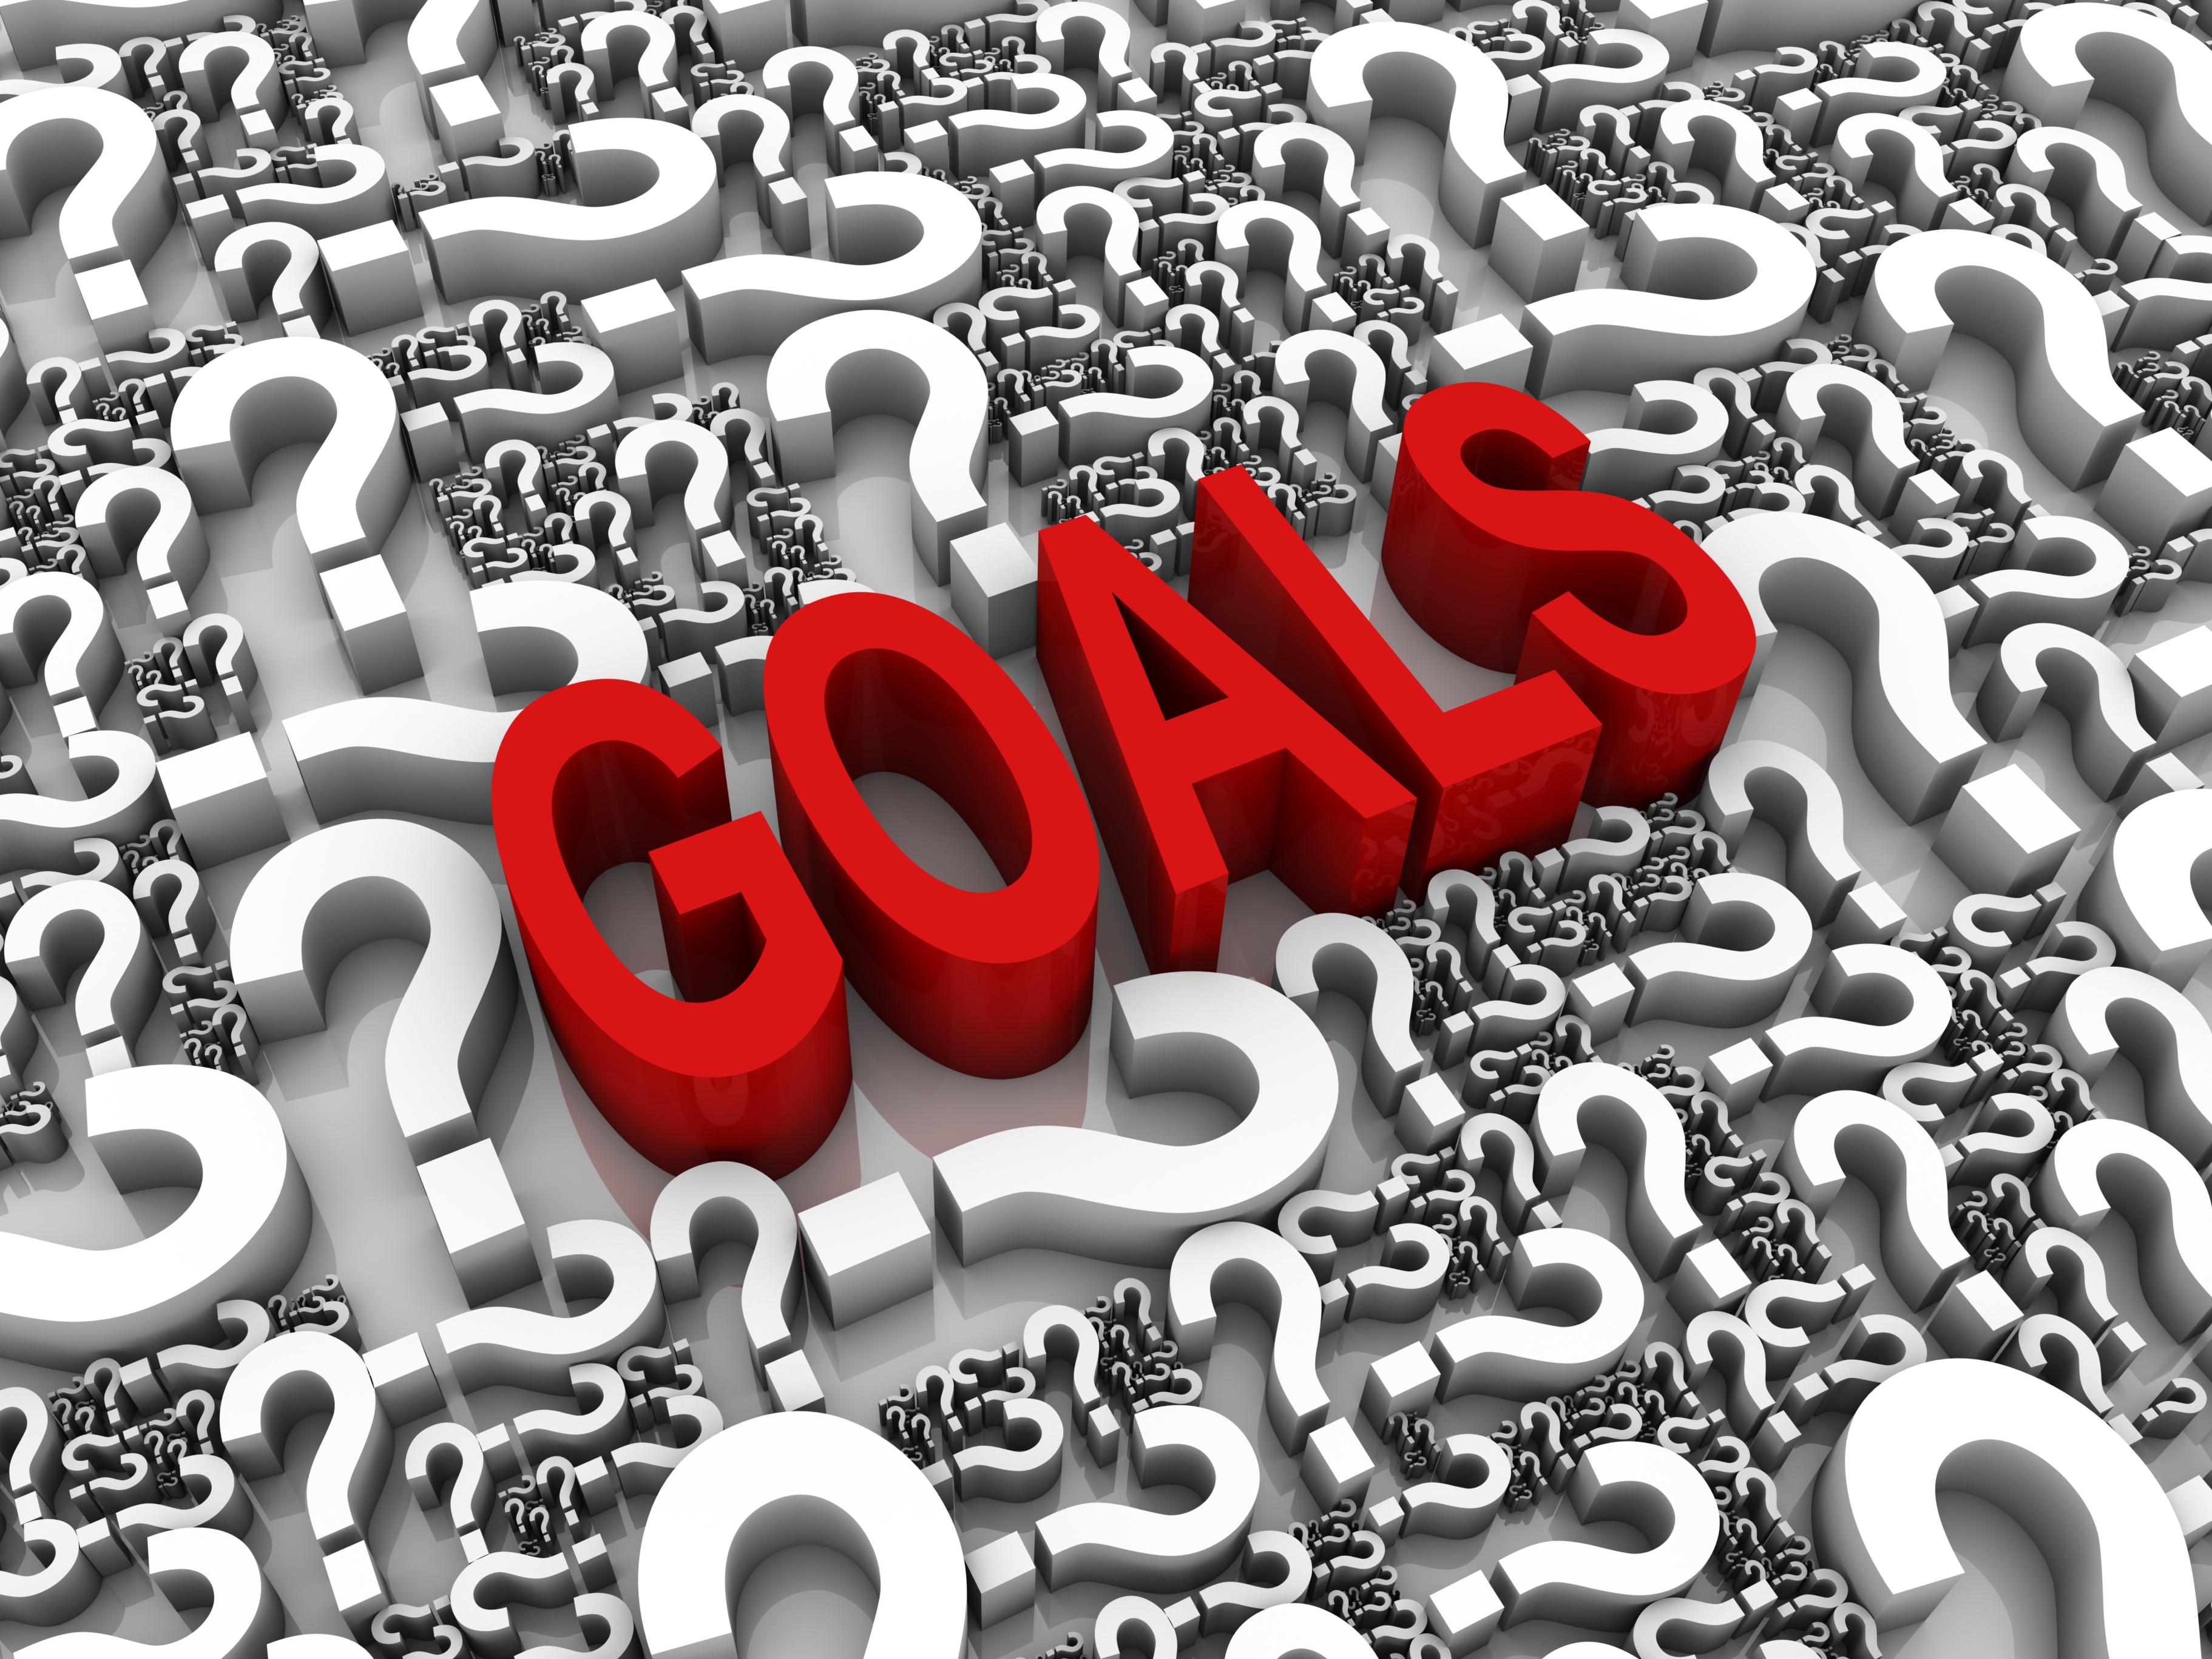 5 Smart Goals for Financial Advisors in 2015